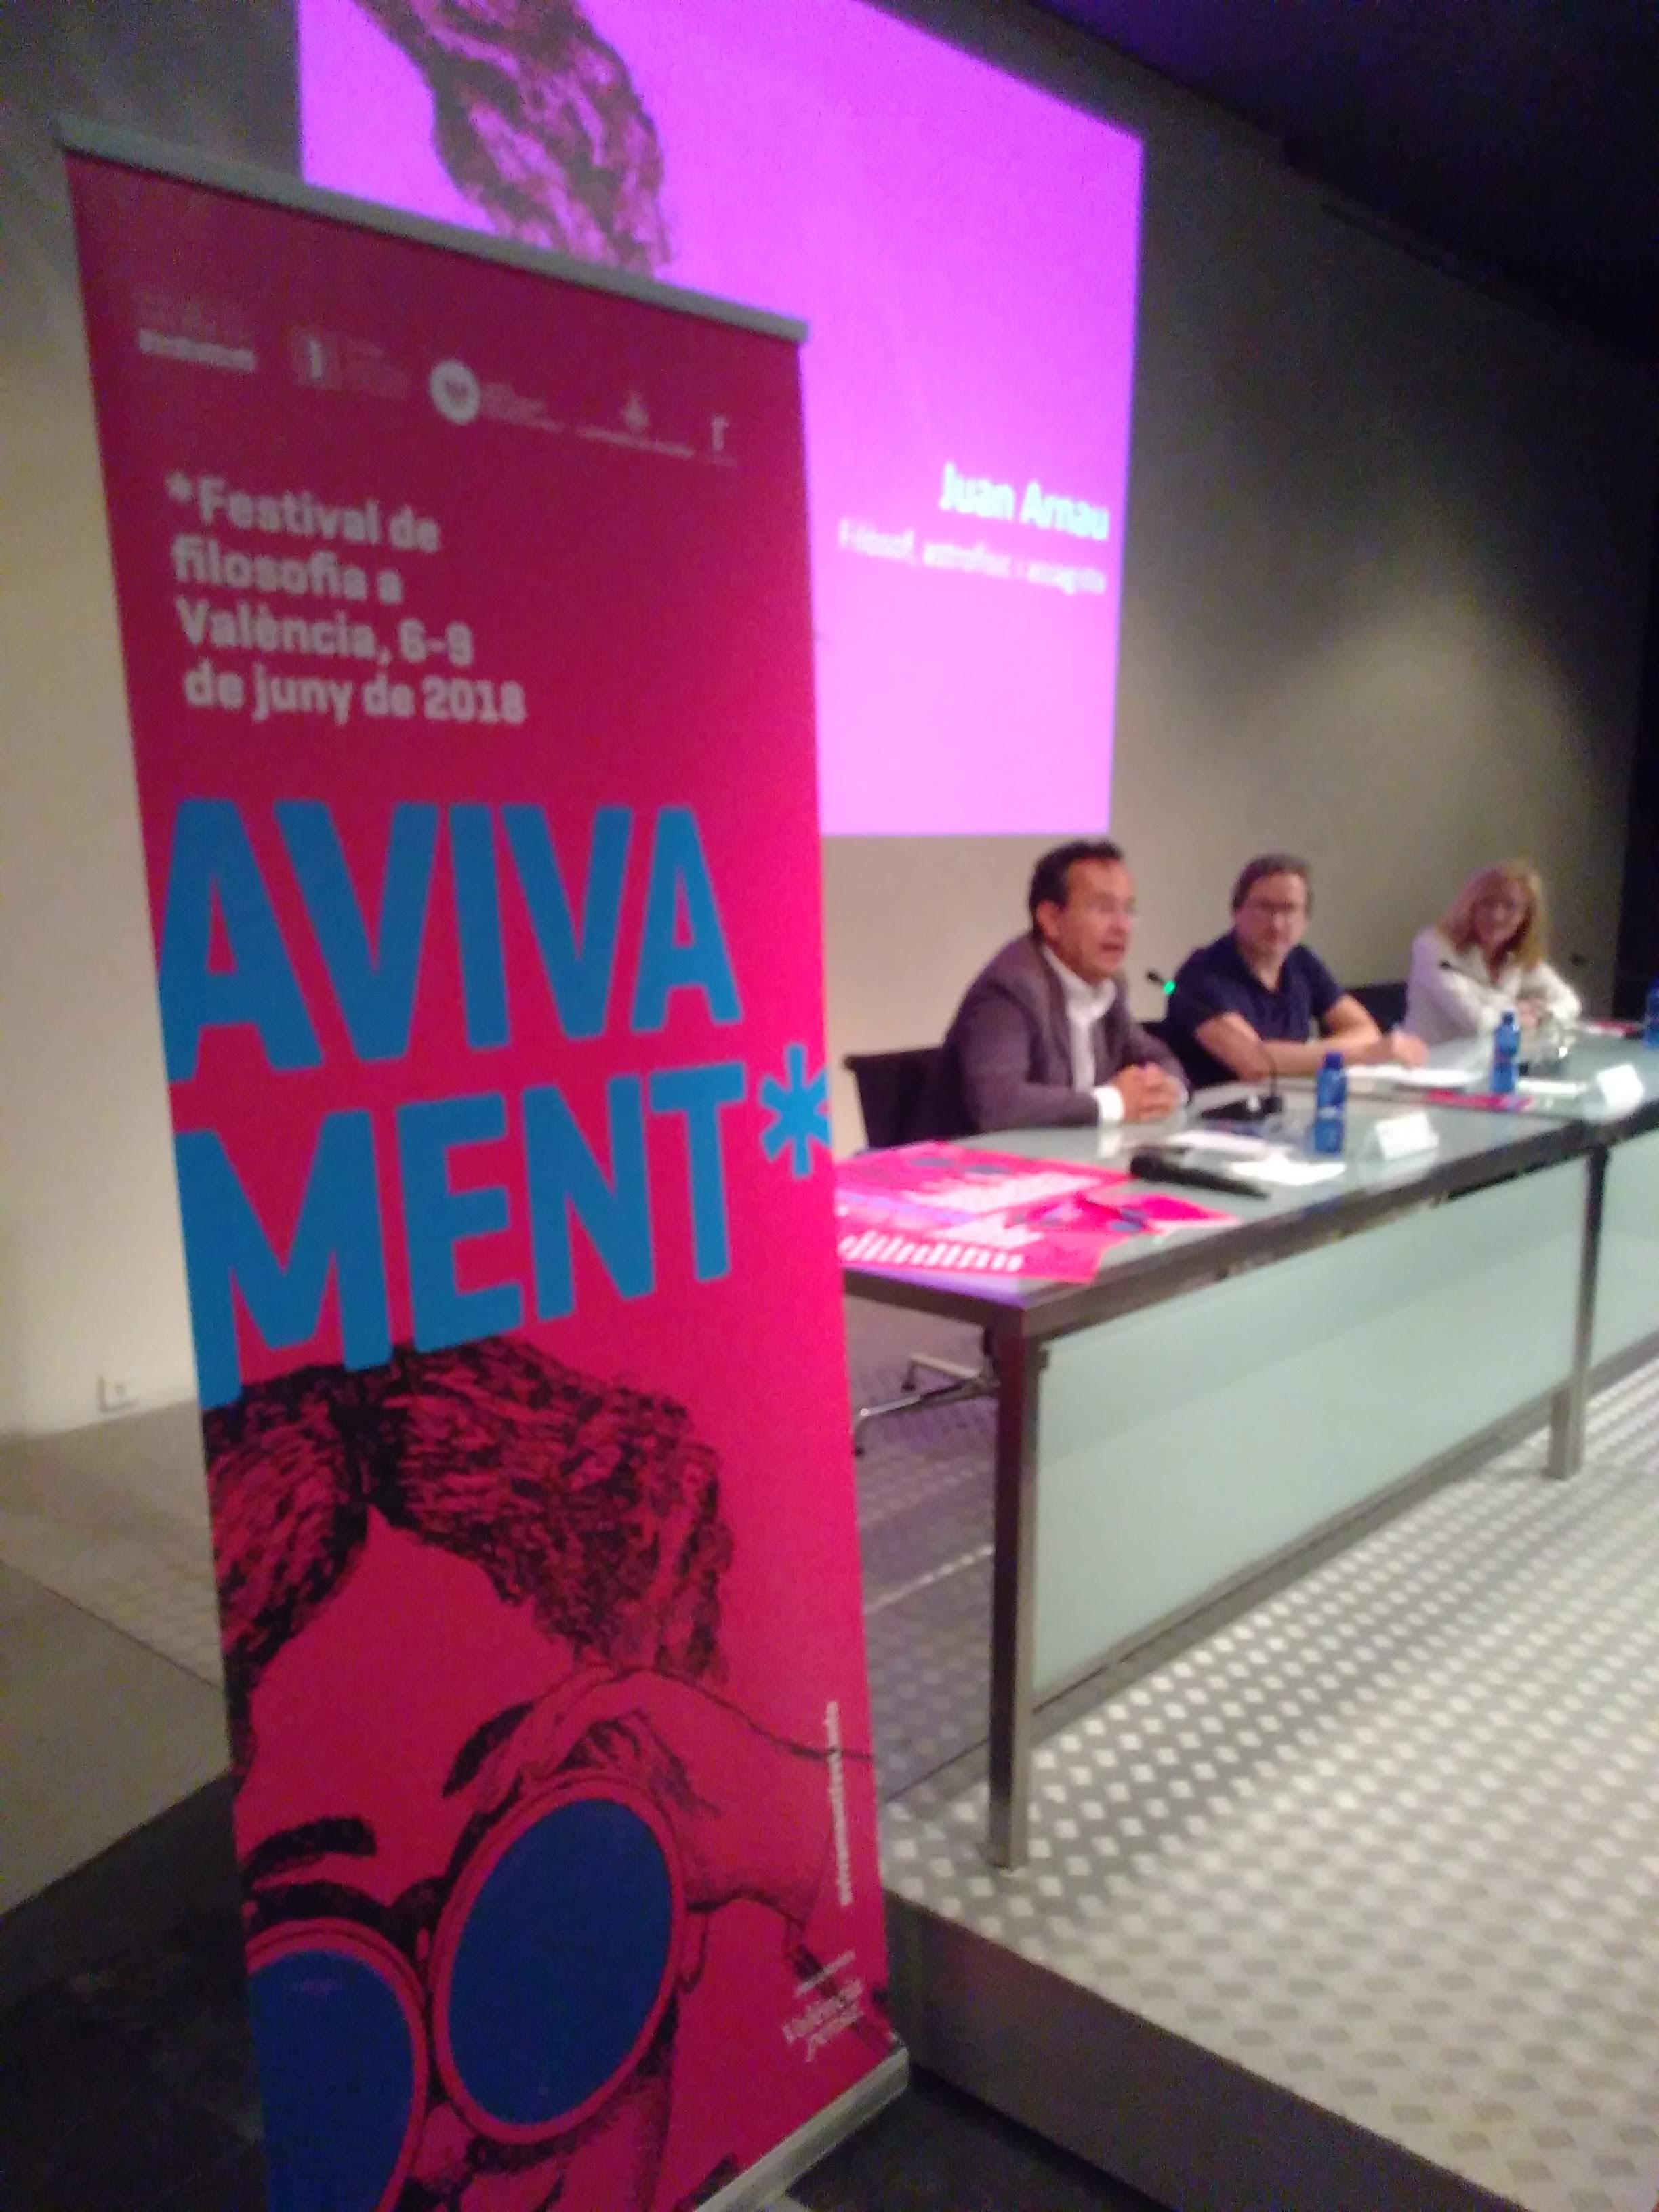 #Avivament2018. Un festival de sabers per compartir | VP-2018-02